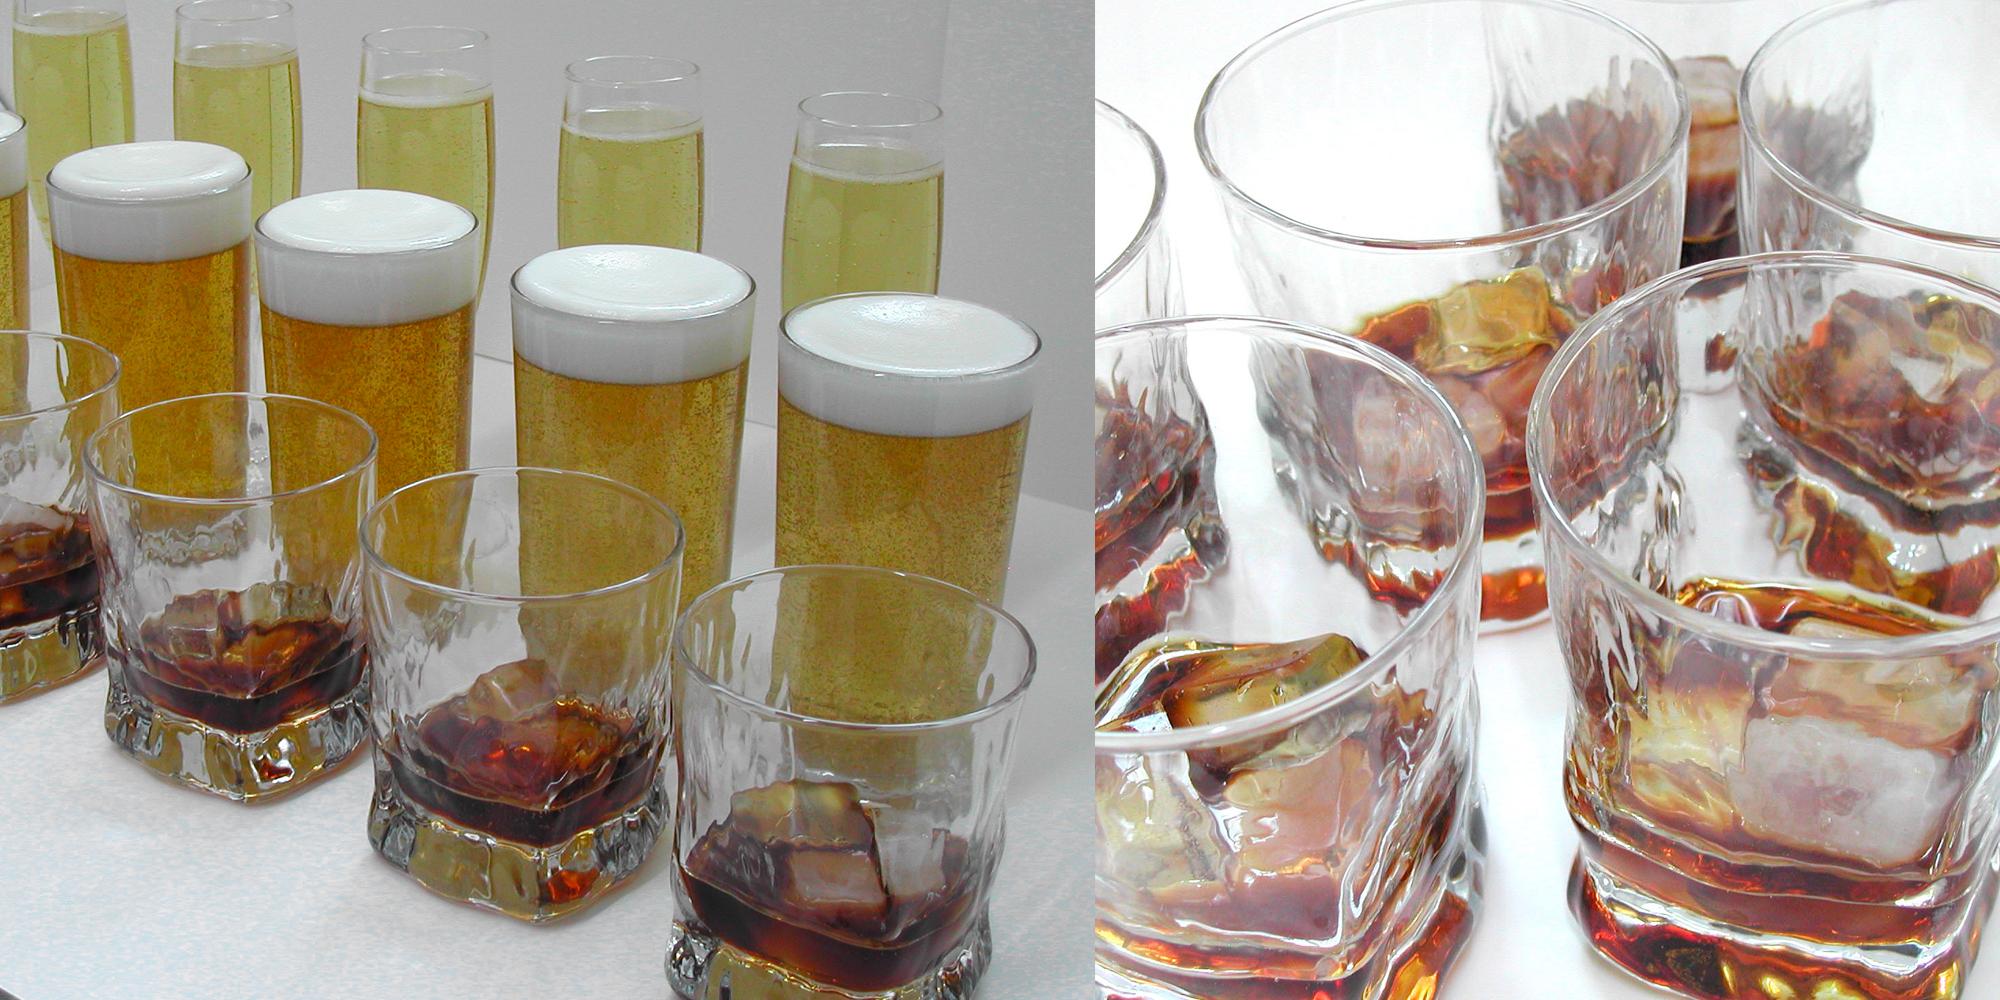 factices alimentaires de boissons avec ou sans glaçons